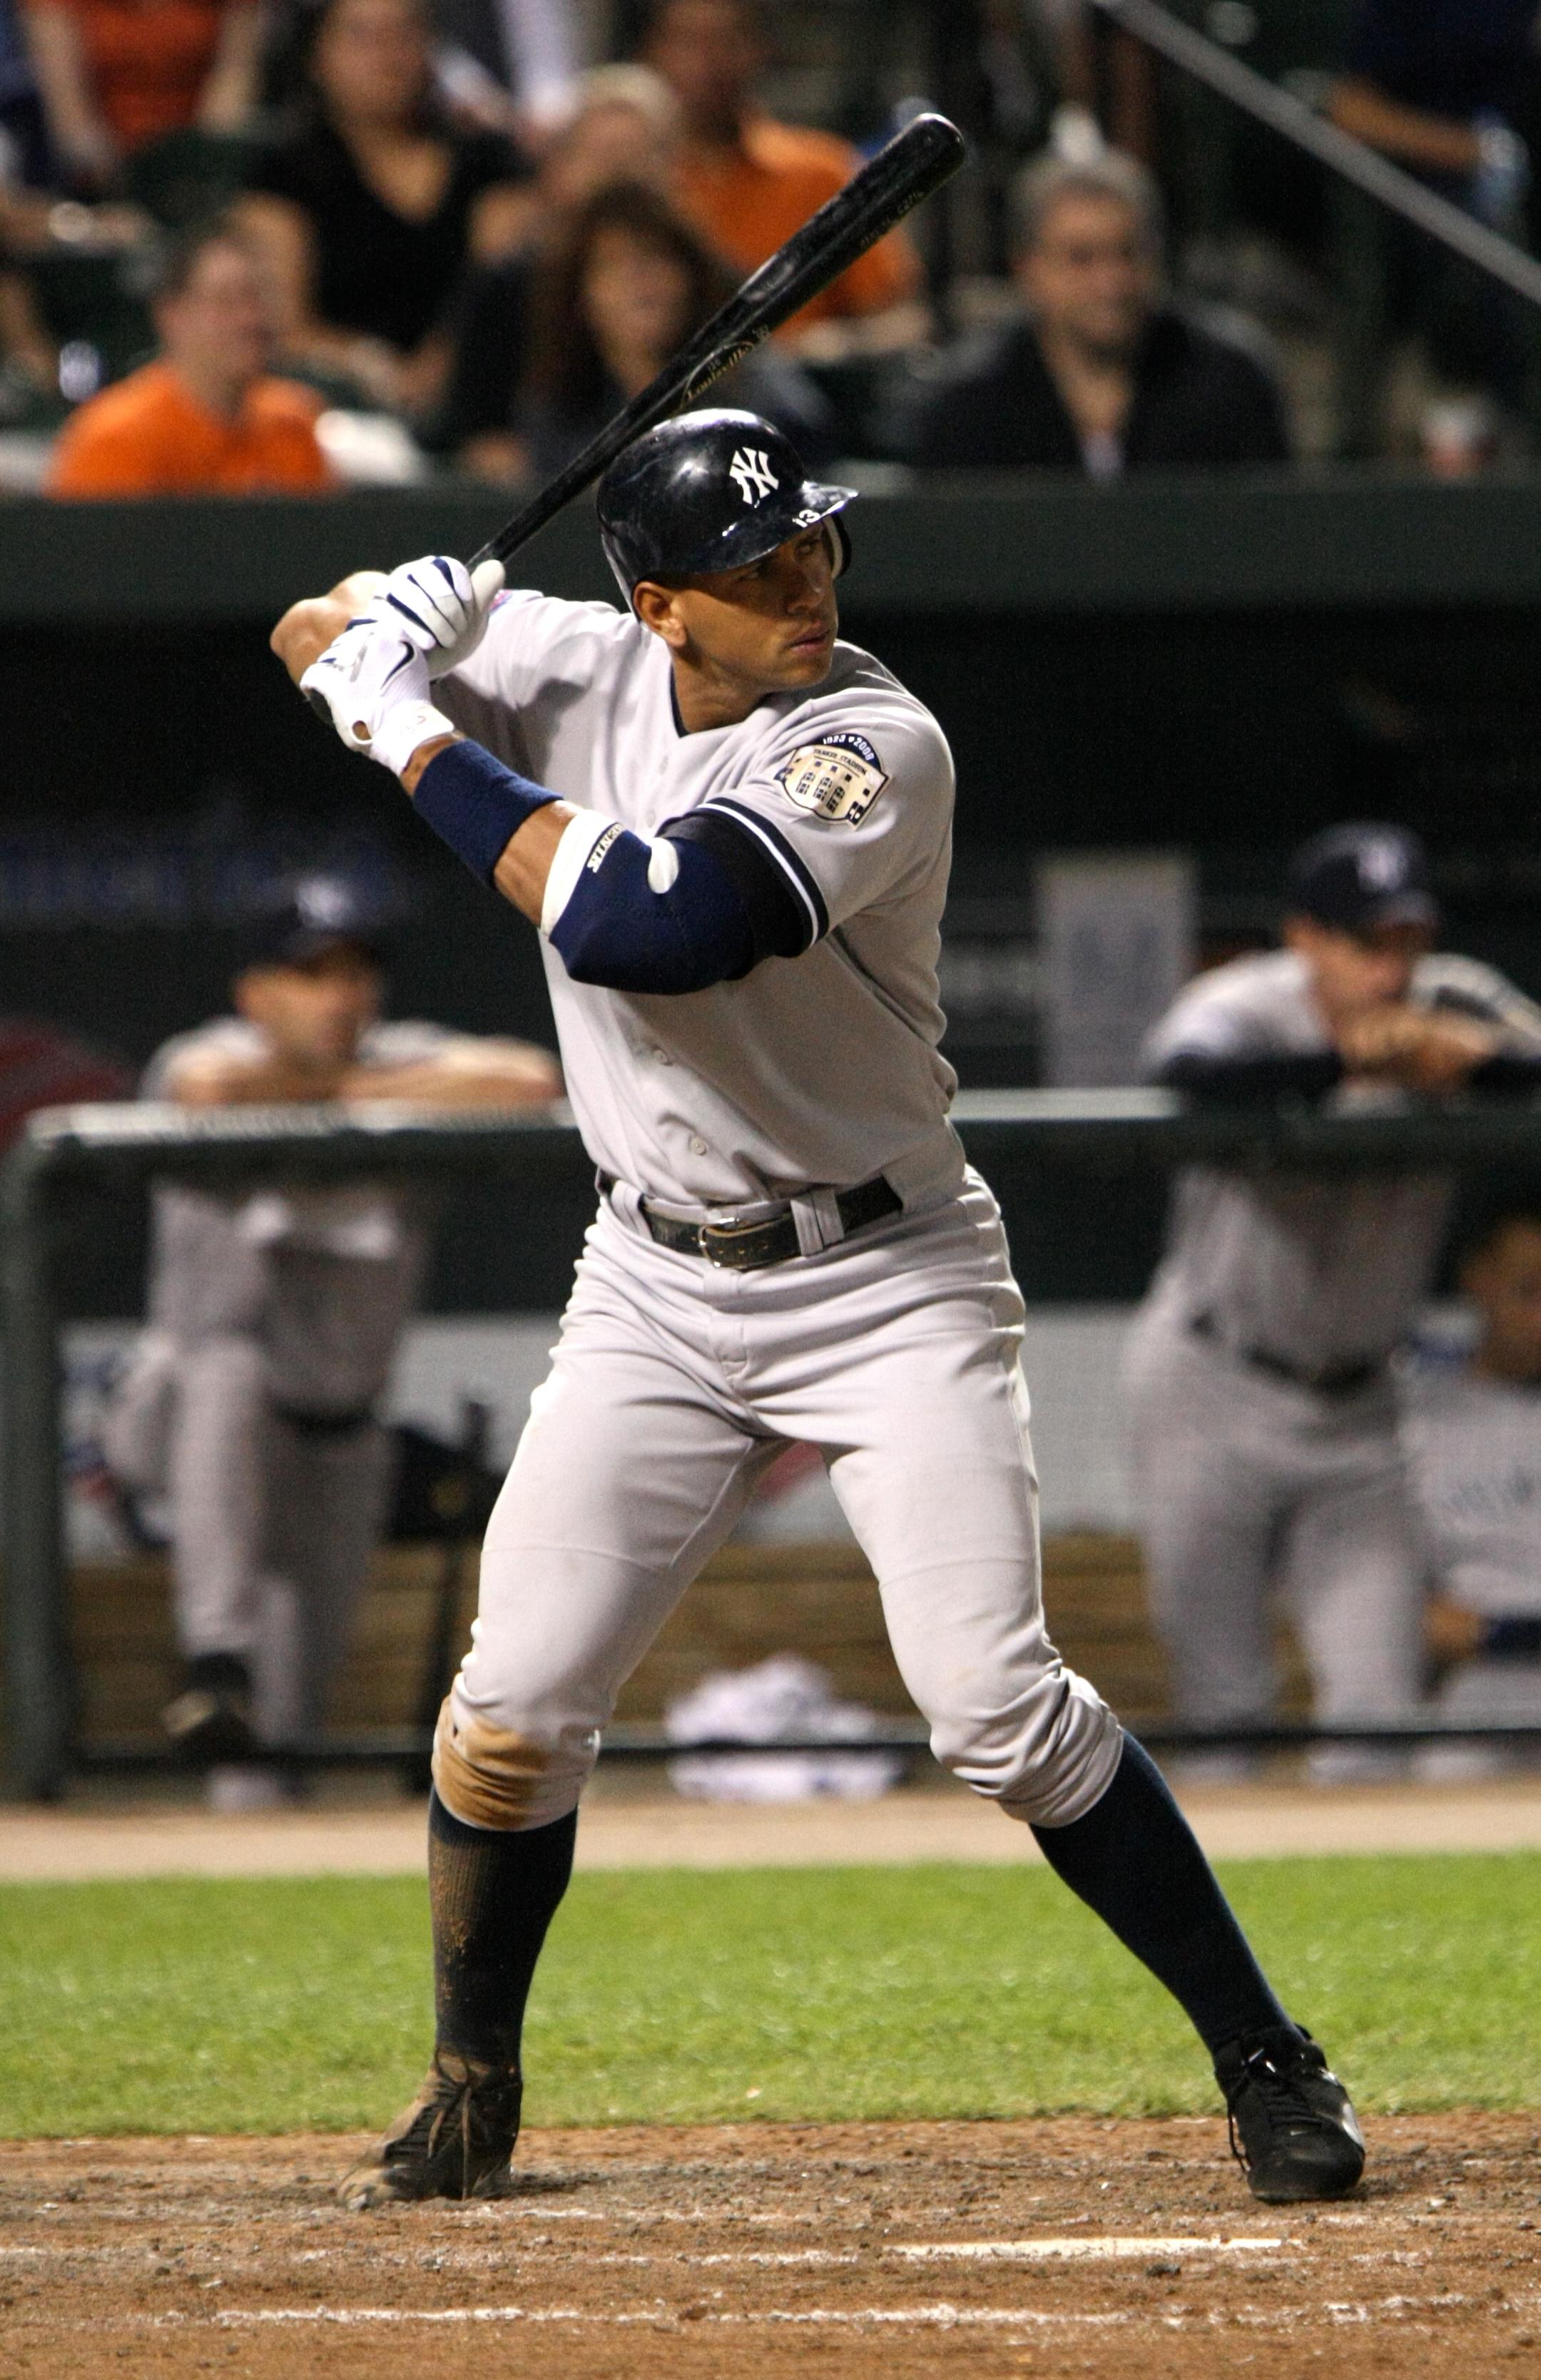 alexander ny baseball